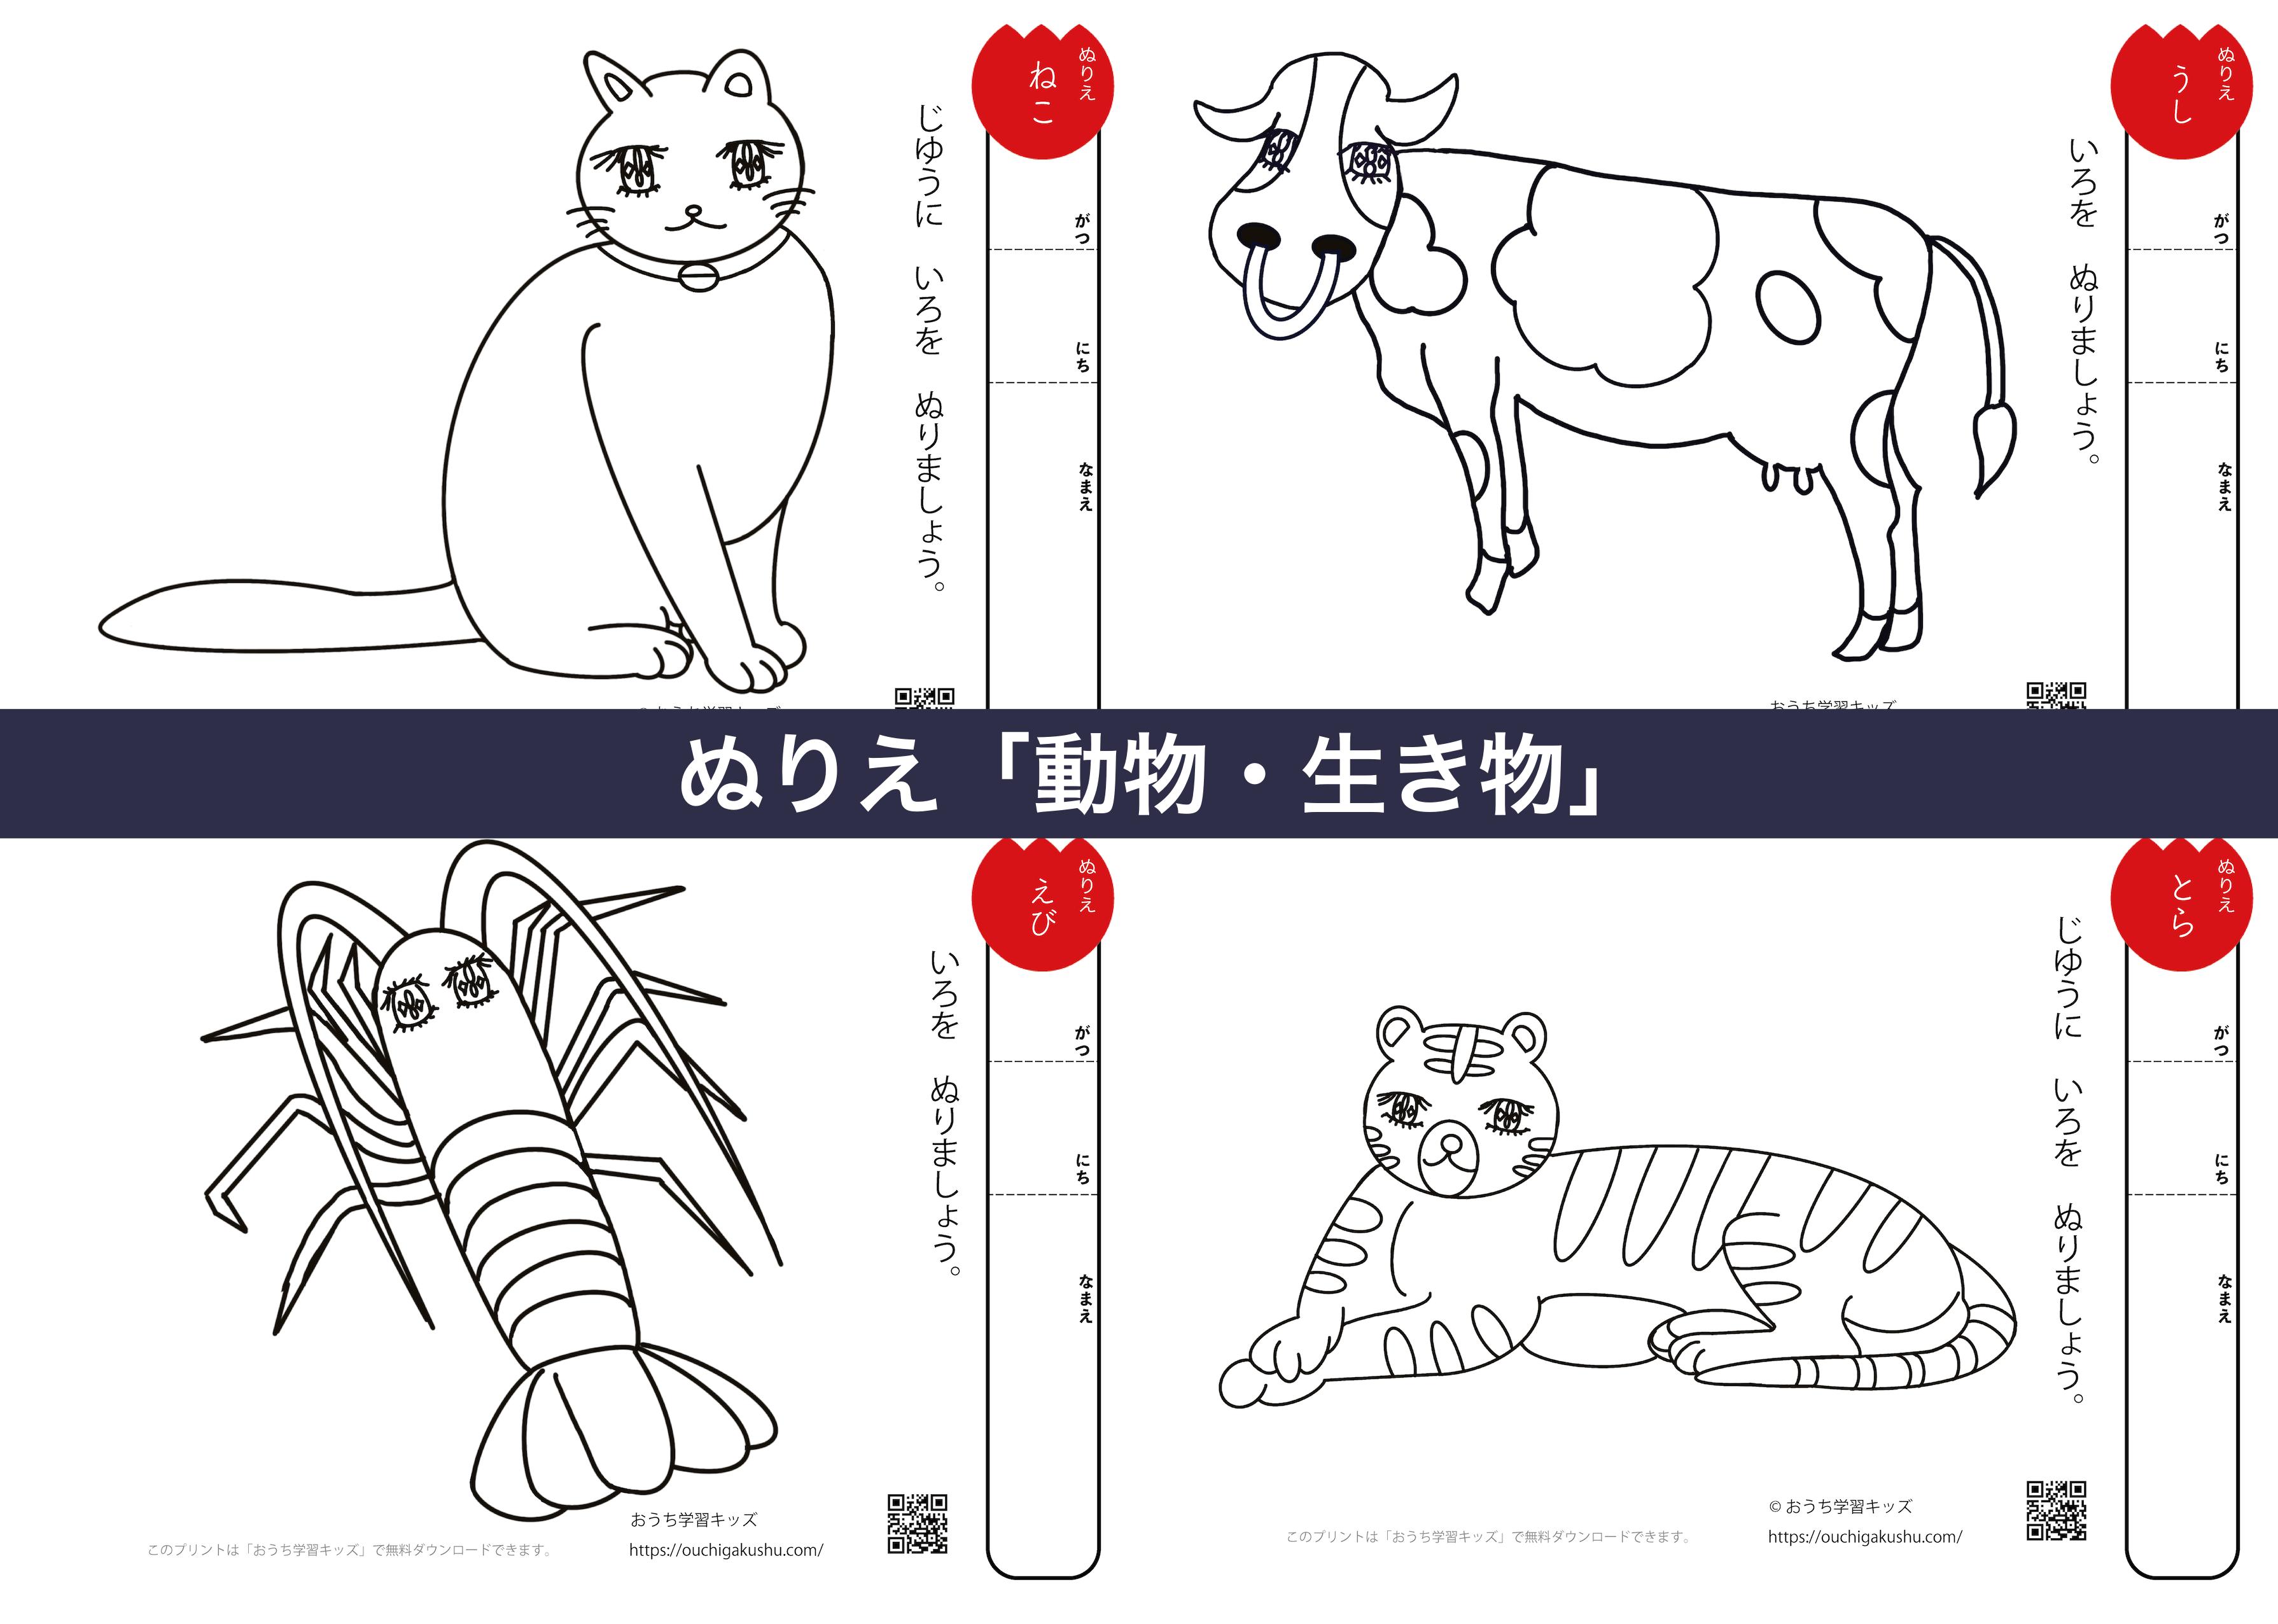 ぬりえ(塗り絵)「動物・生き物」